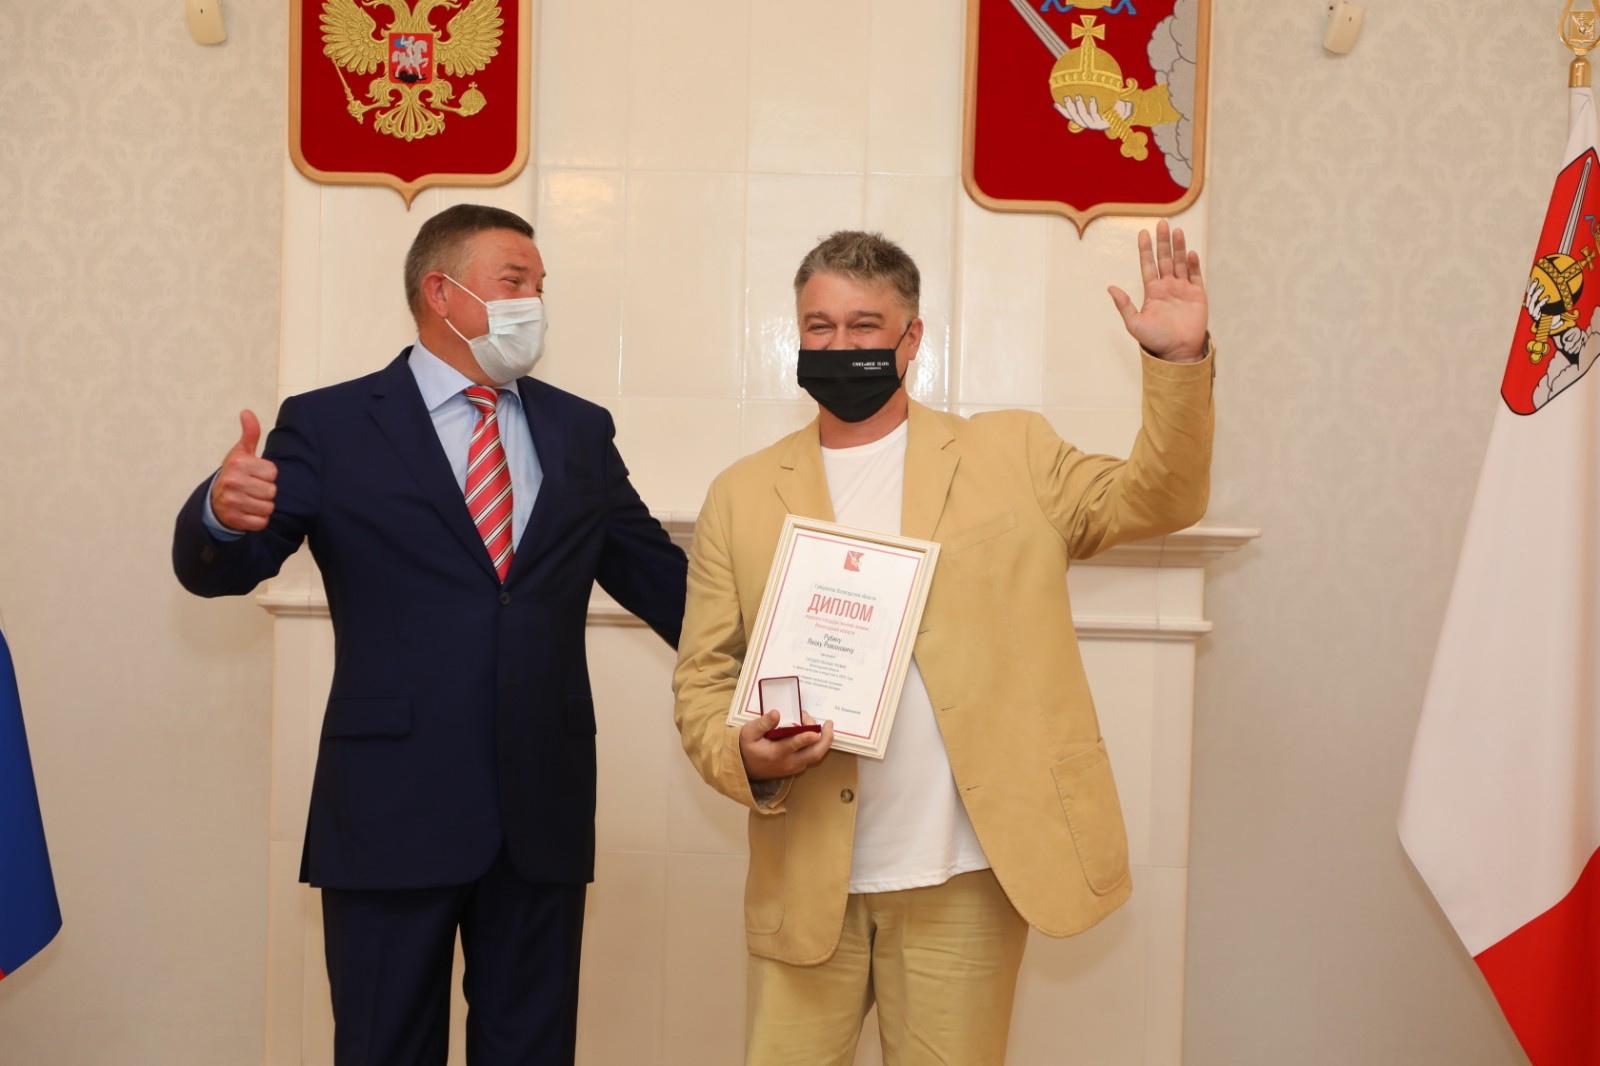 Артистов Камерного и Детского музыкального театров Вологды наградили знаками лауреатов областной госпремии